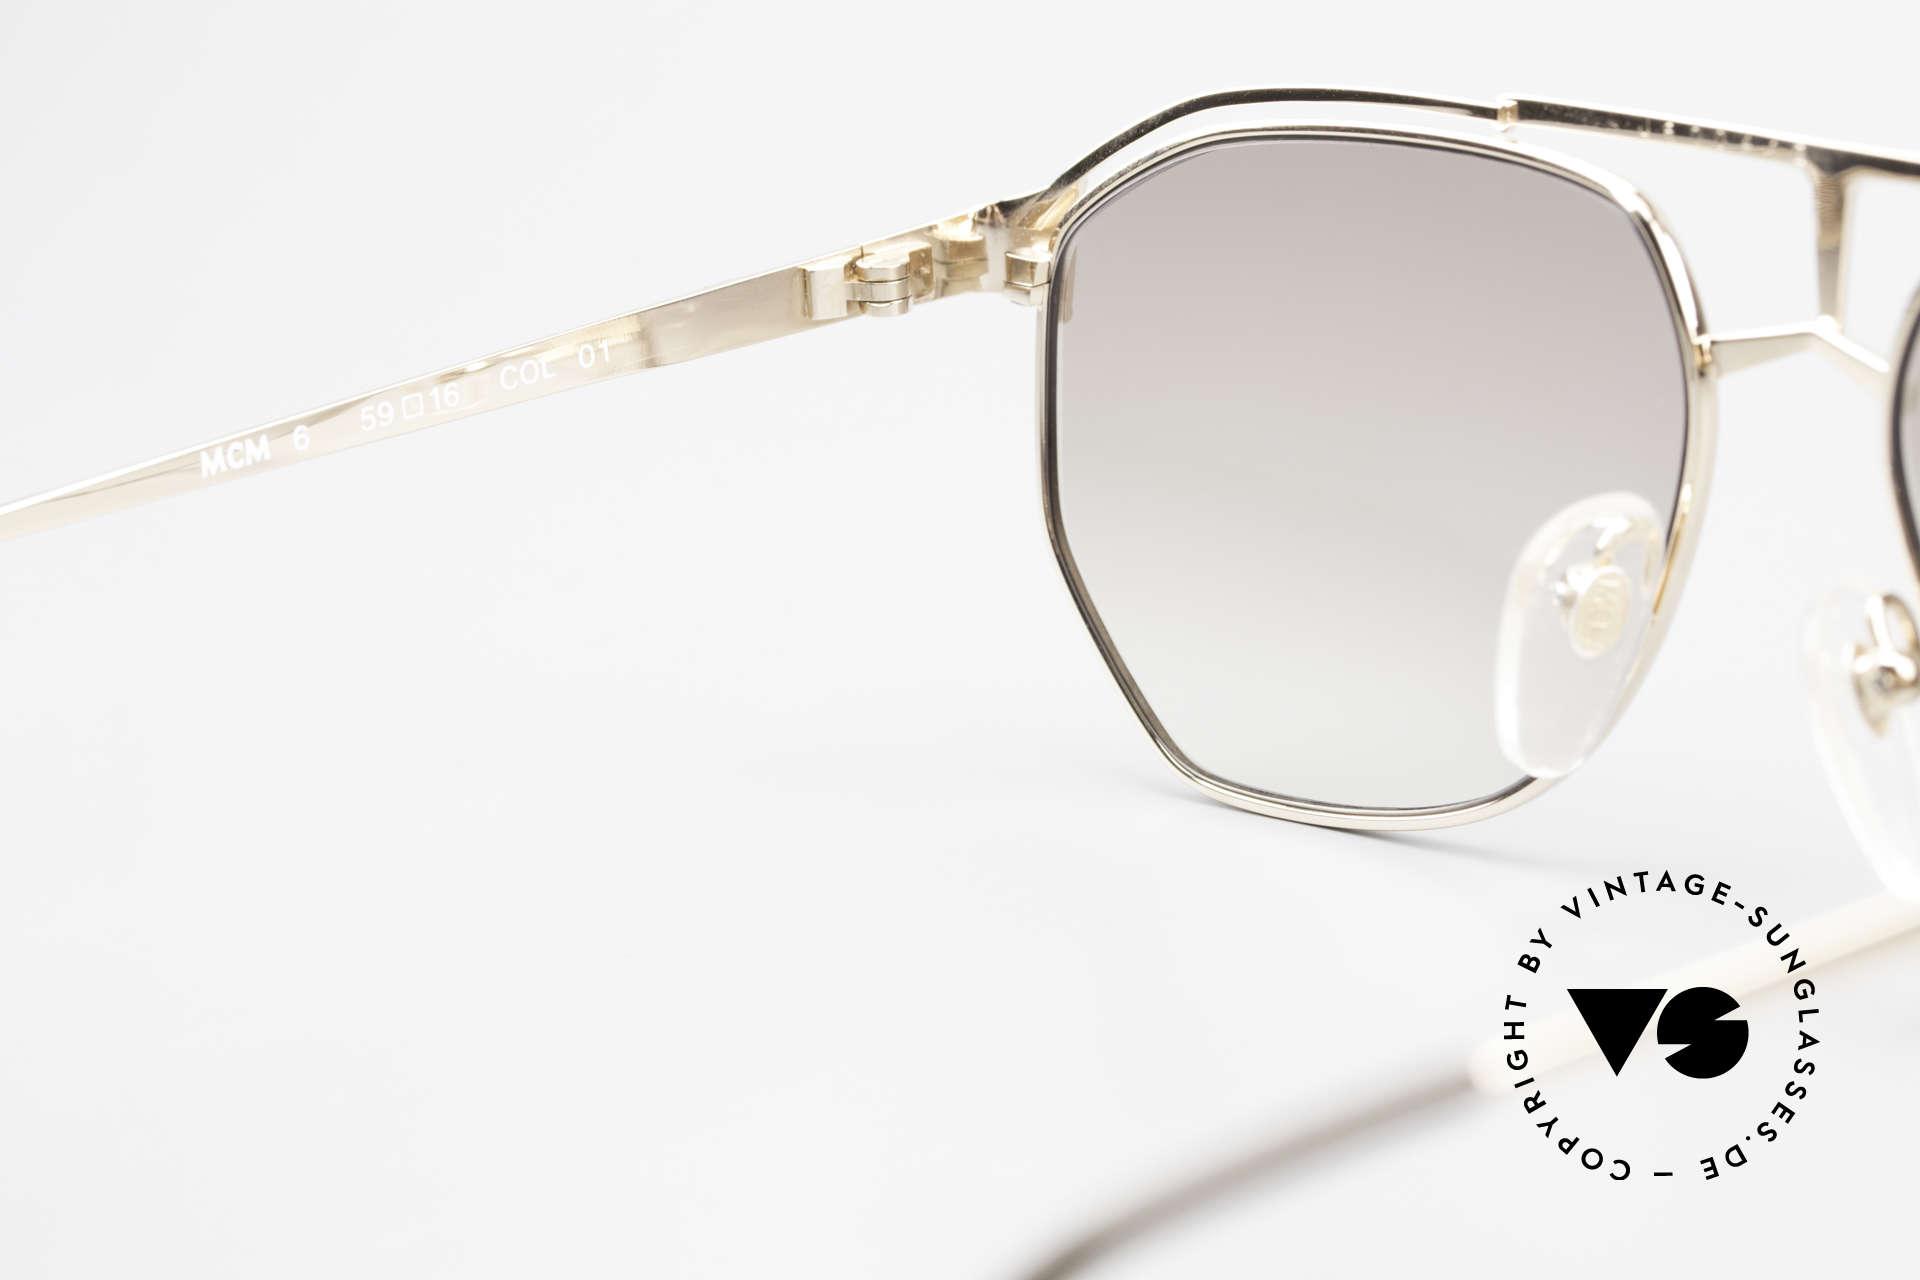 MCM München 6 XL Luxus Sonnenbrille 90er, ungetragen (wie alle unsere alten MCM-Originale), Passend für Herren